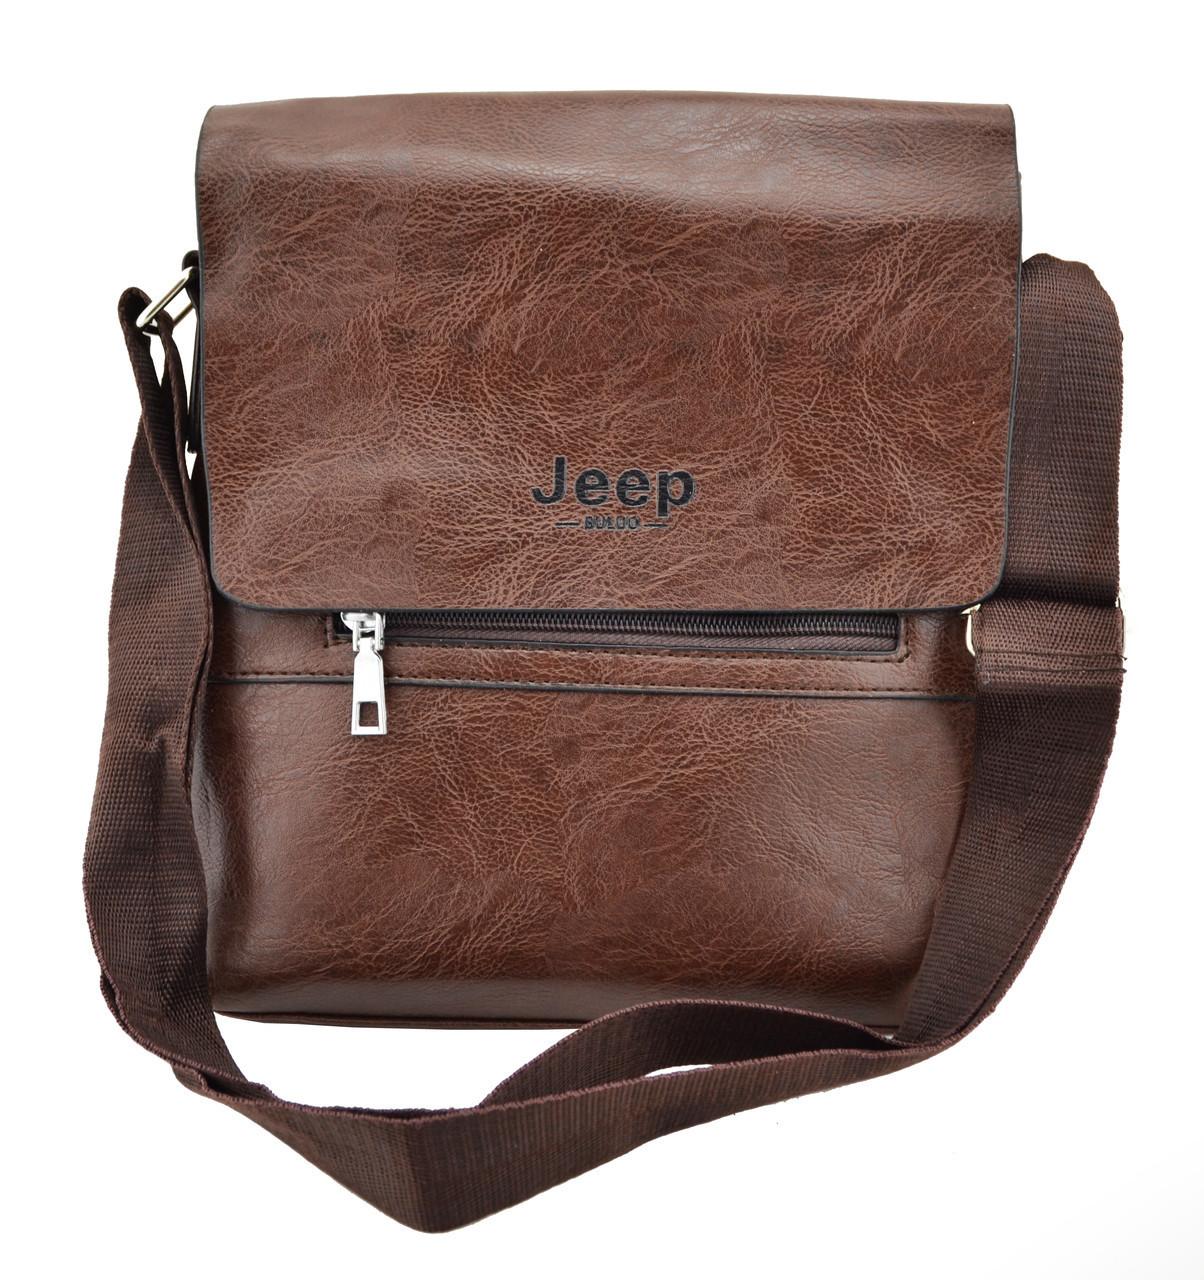 Мужская сумка из эко-кожи JEEP 866 BAGS   сумка через плечо Джип коричневая